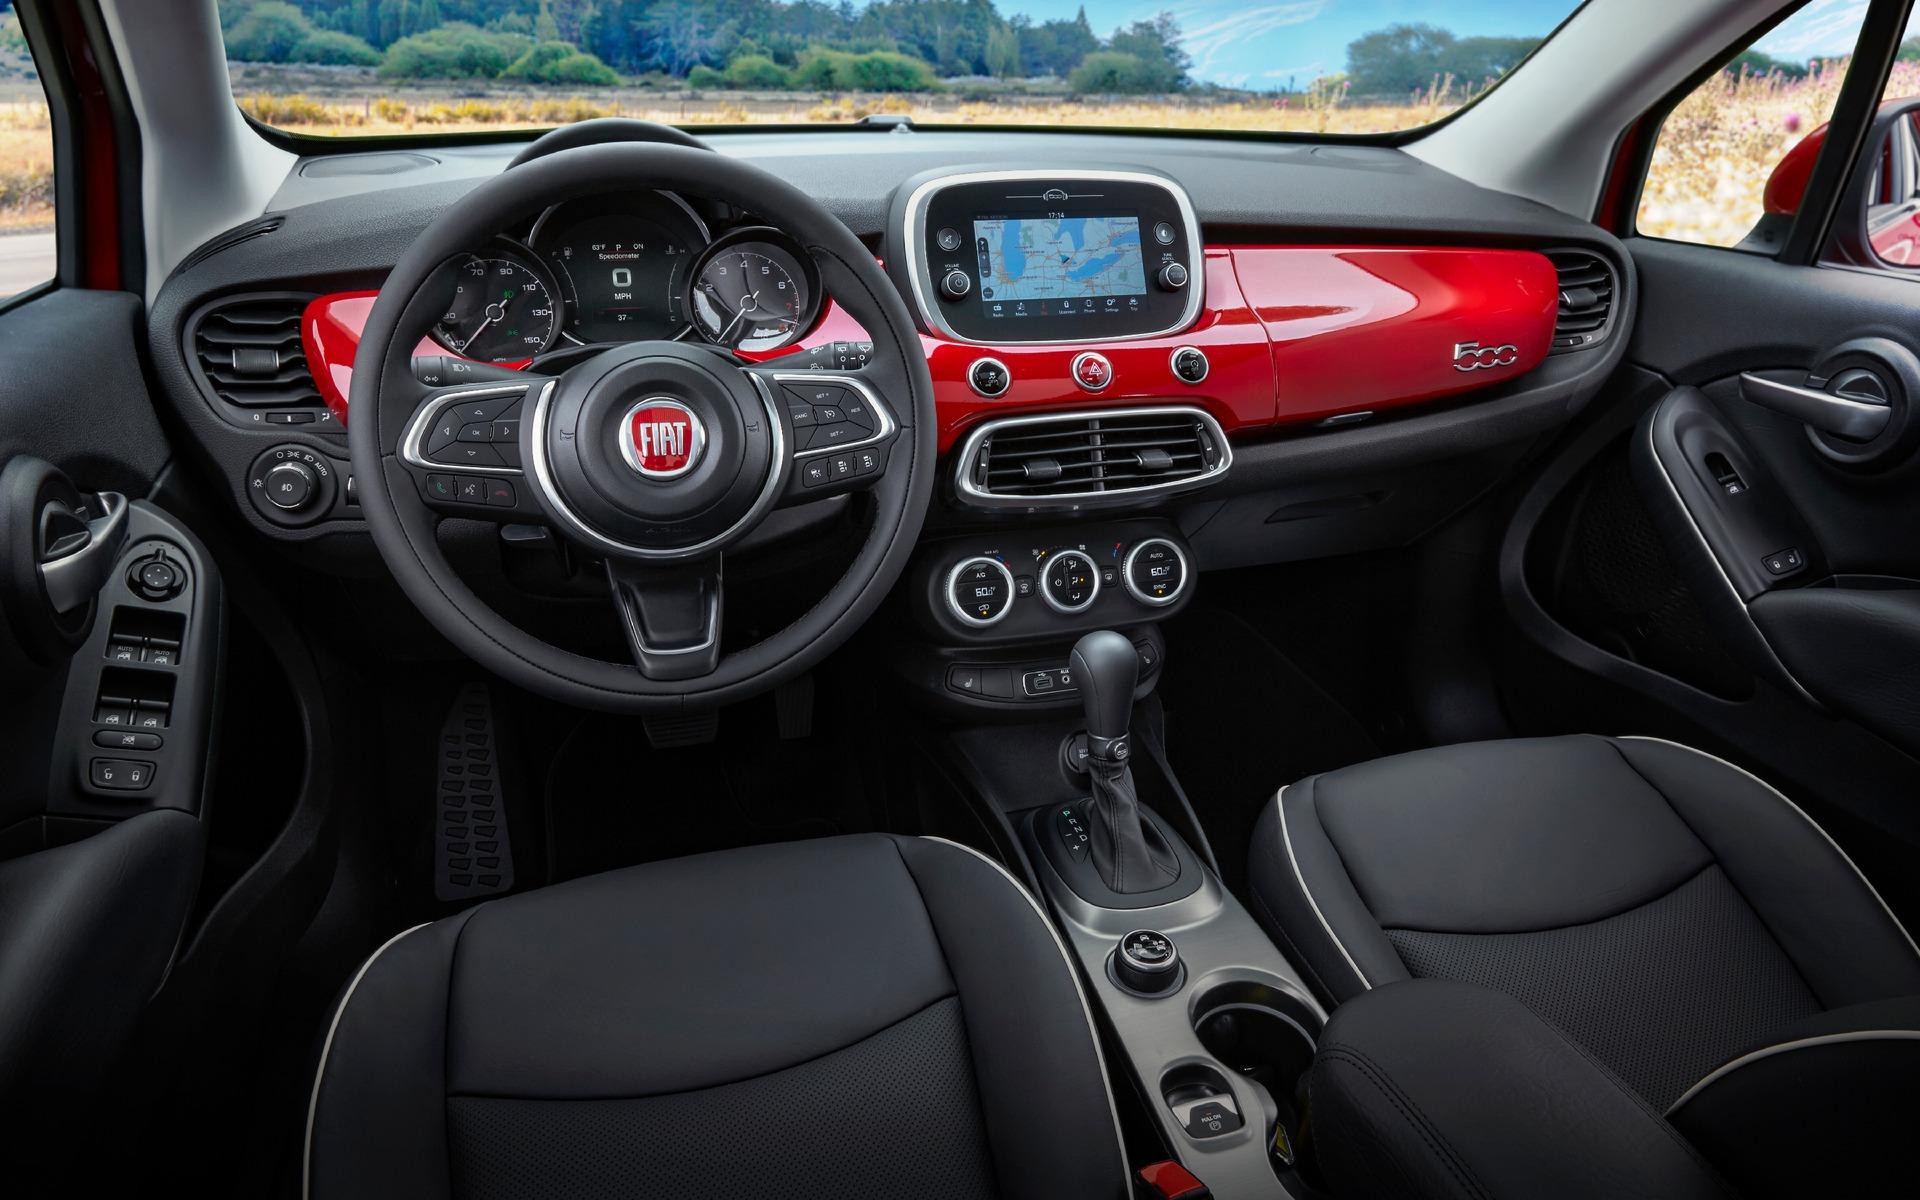 FCA persiste avec son Fiat 500X 2019 : voici la nouvelle génération 357817_2019_Fiat_500X